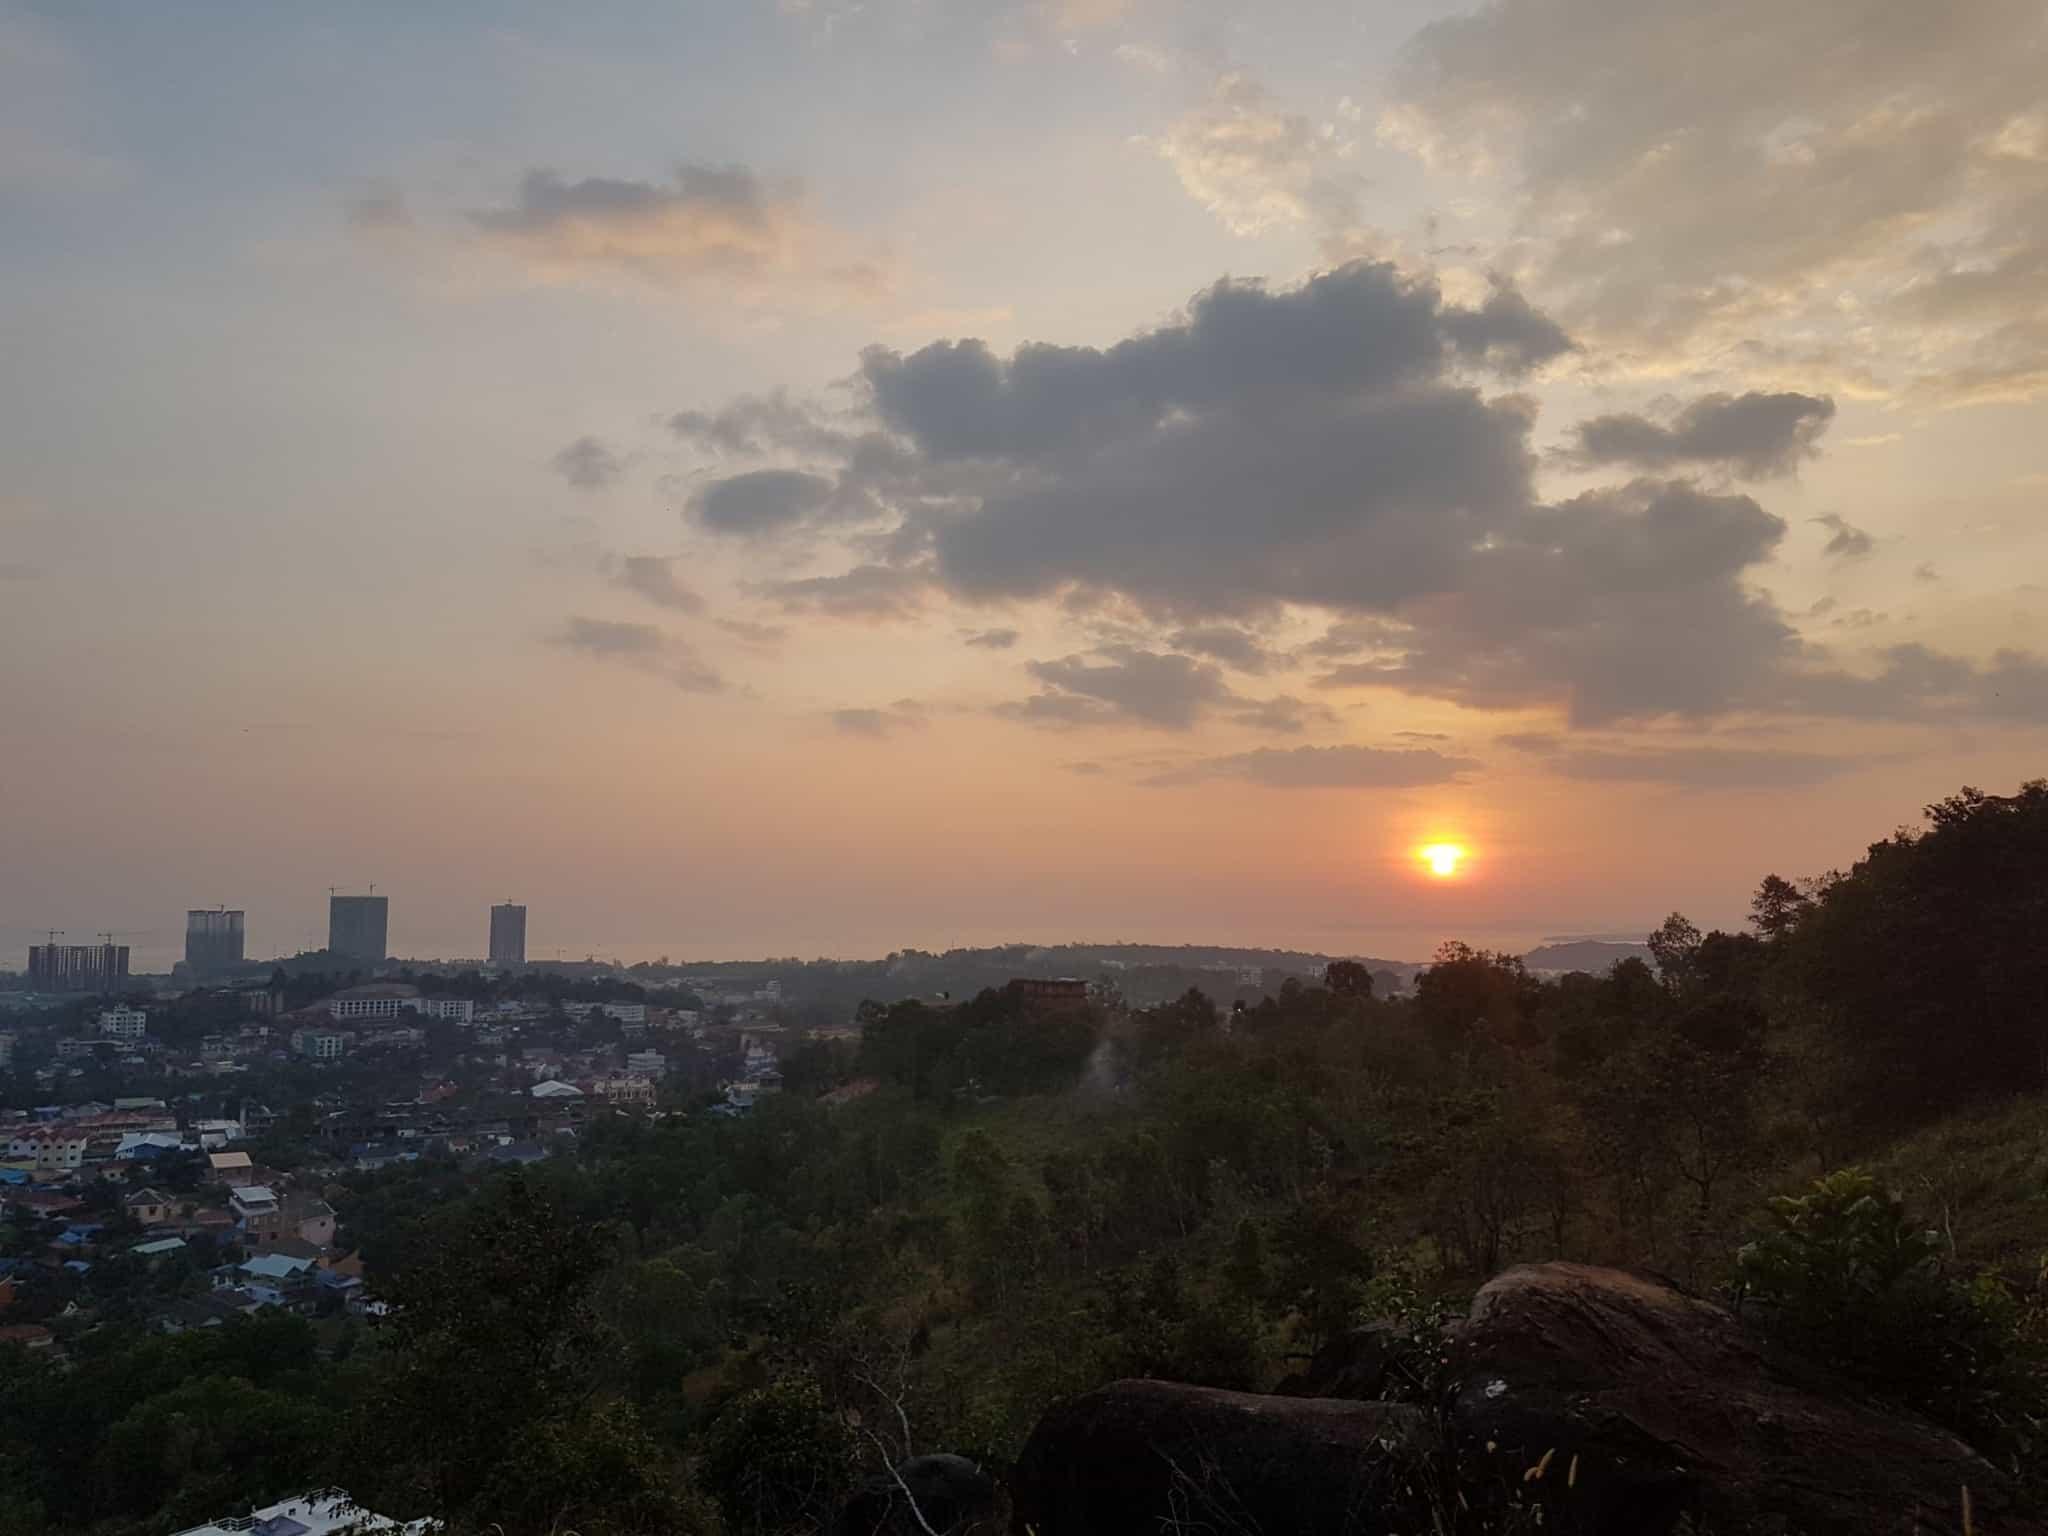 Cambodge, 4 jours au paradis dans le plus bel hôtel de Sihanoukville 😍 14